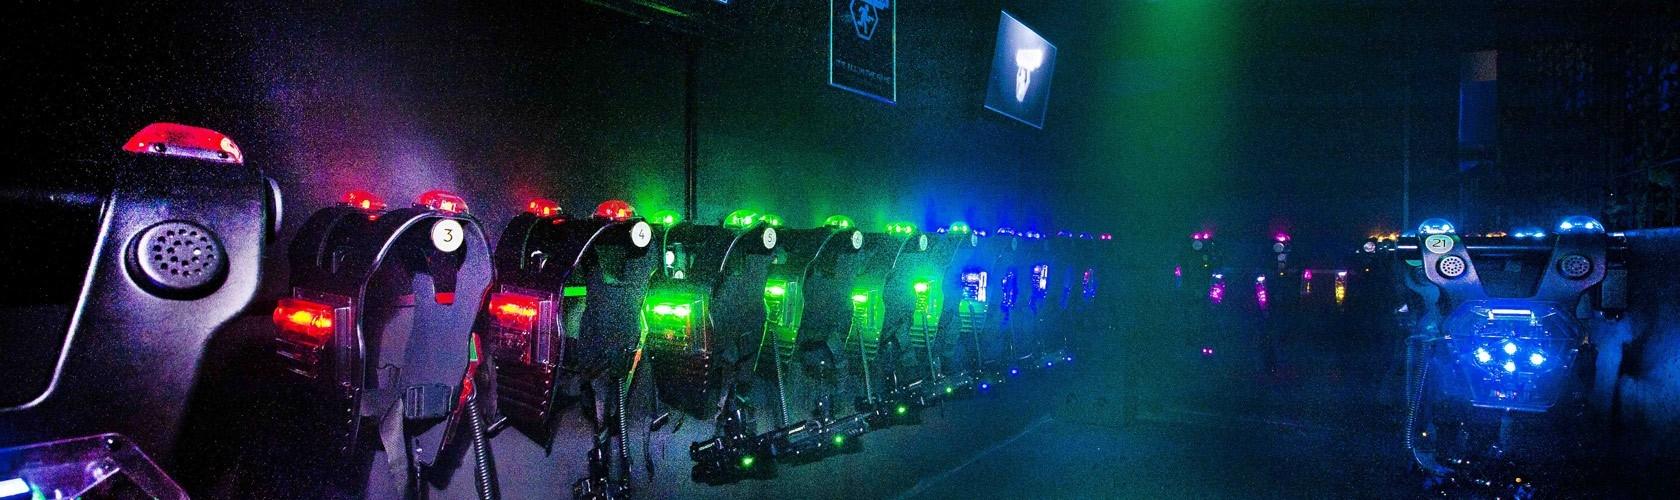 Svět zábavy - Laser Game